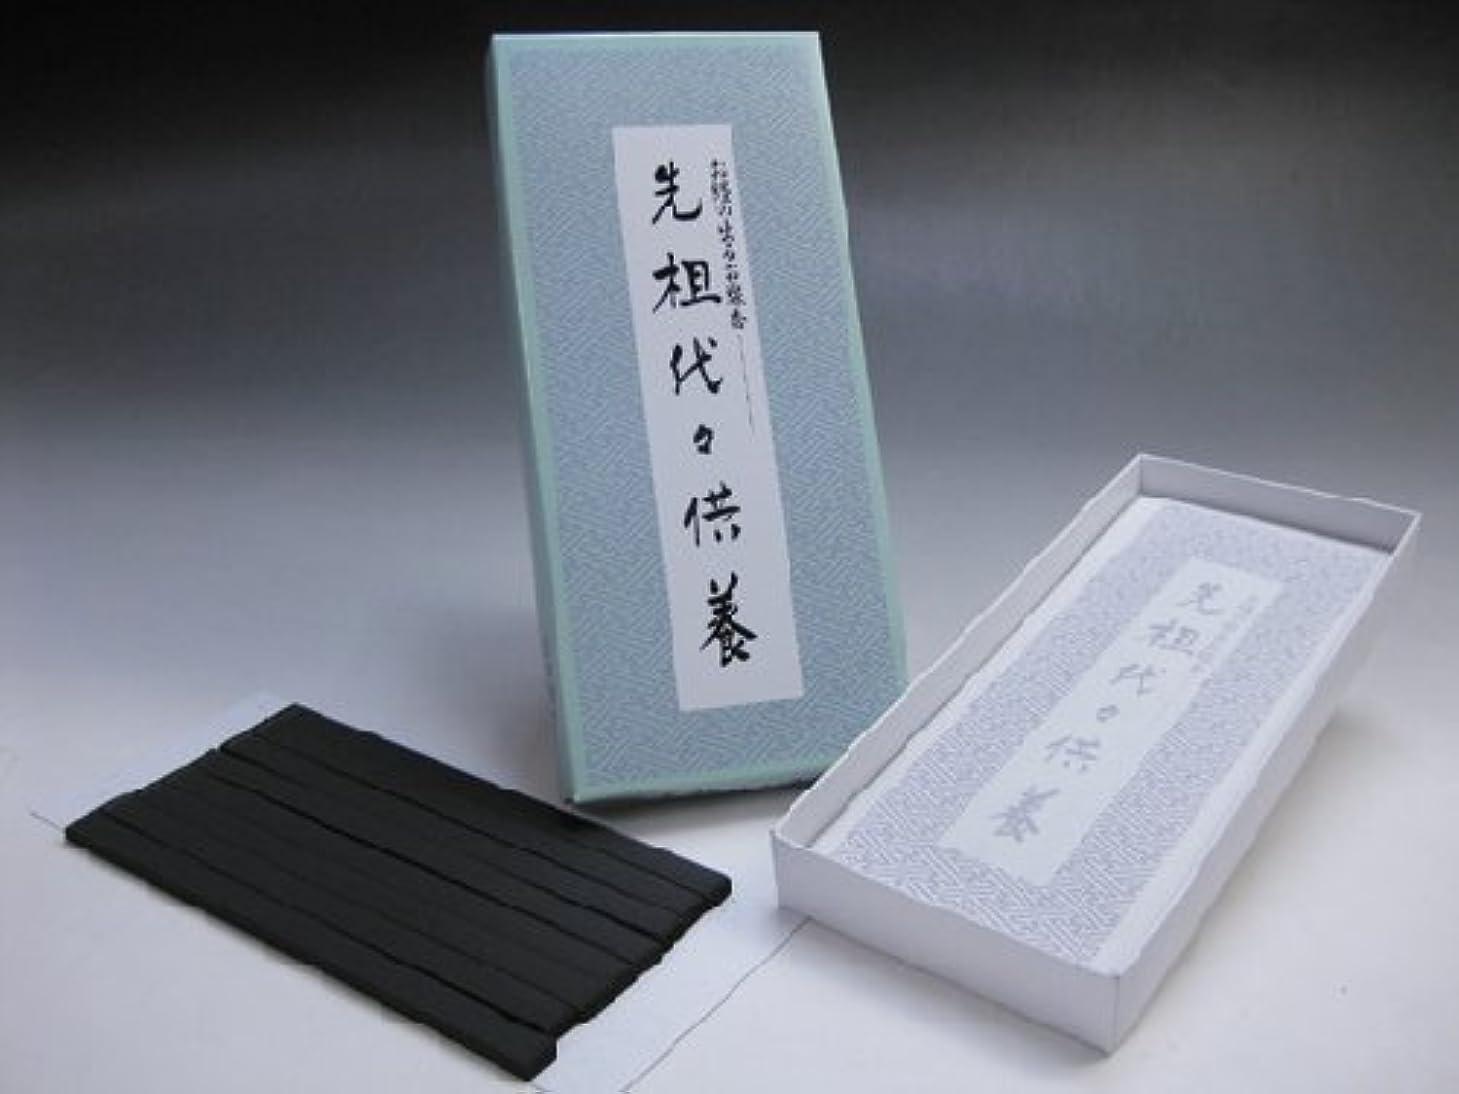 ドックモジュール家事をする日本香堂のお線香 経文香 先祖代々供養